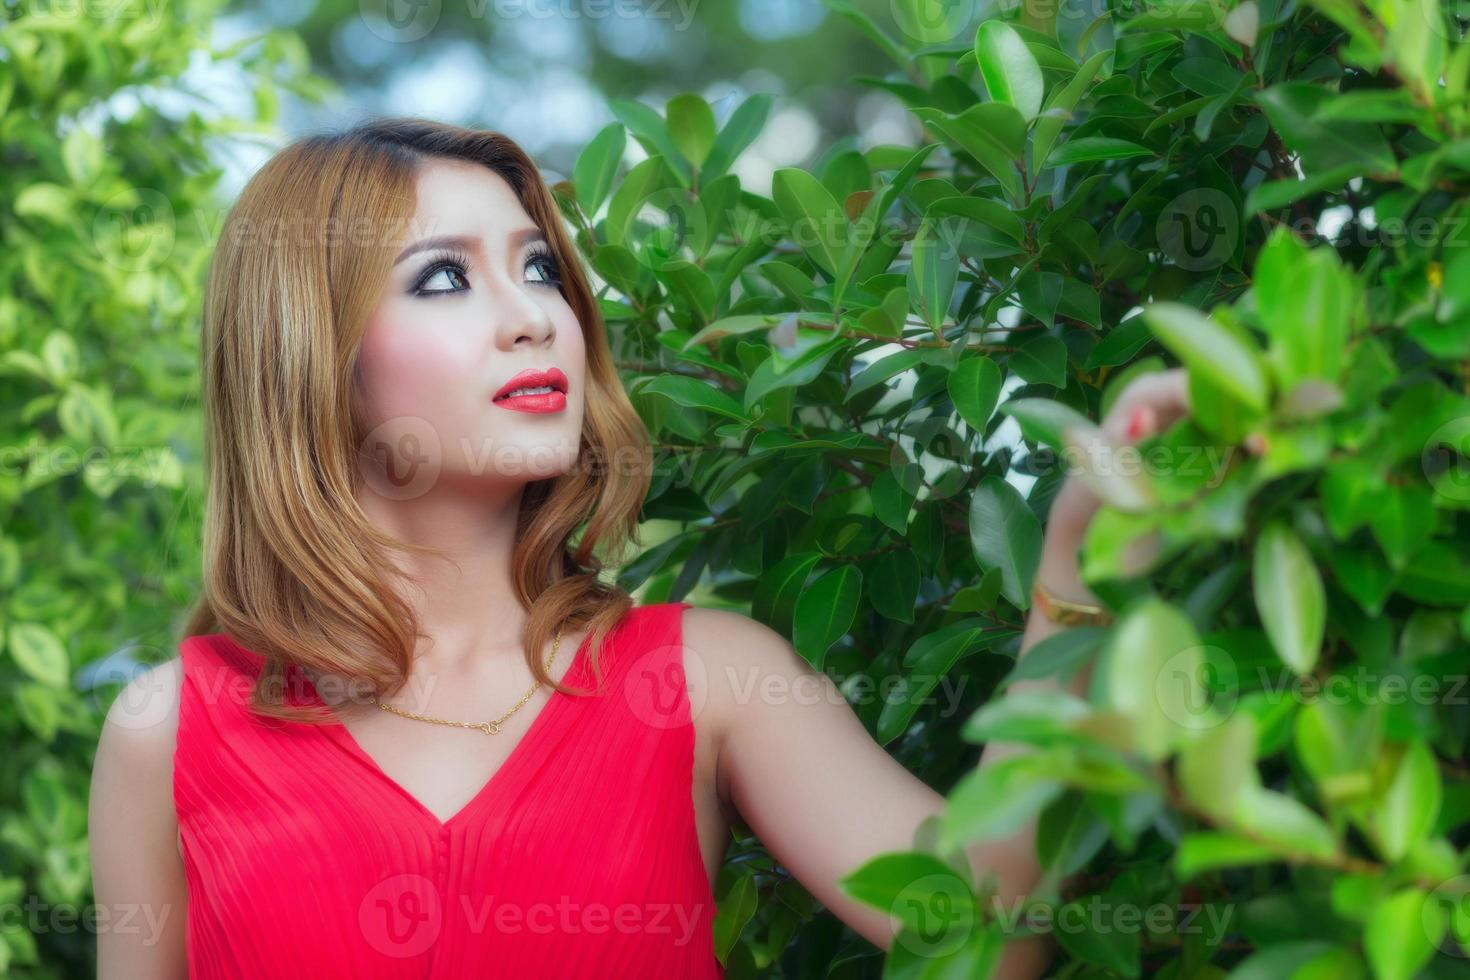 retrato de uma jovem mulher loira bonita vestido vermelho foto